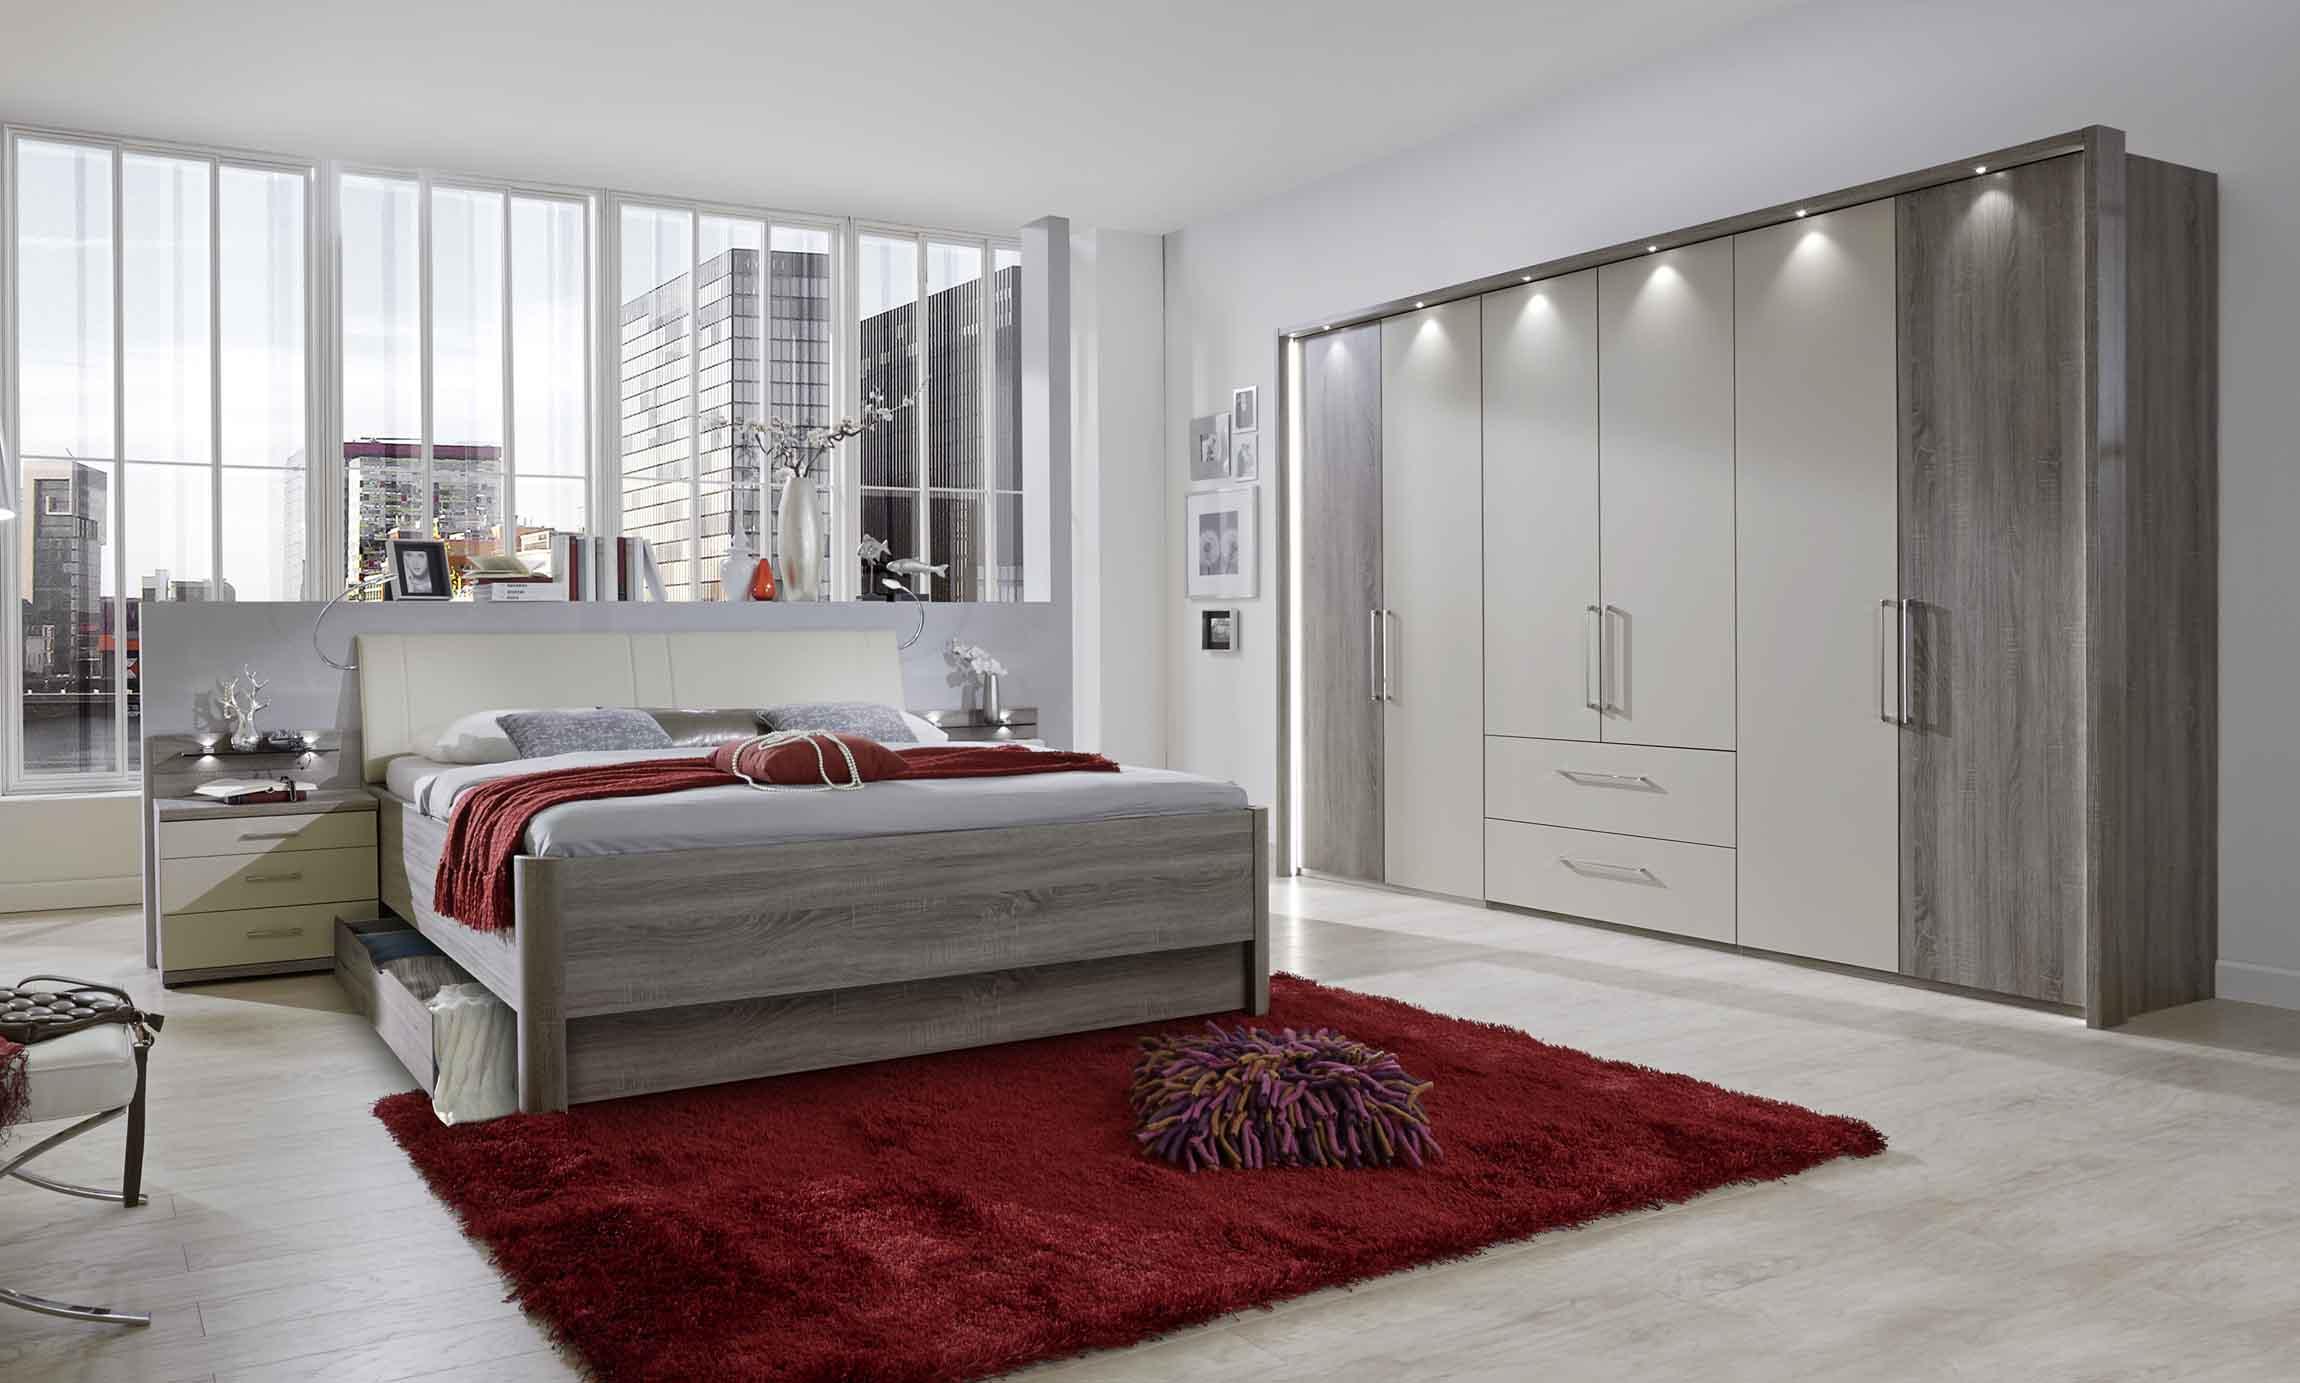 wiemann schlafzimmer loft hardeck kommode wei f r schlafzimmer john deere bettw sche. Black Bedroom Furniture Sets. Home Design Ideas